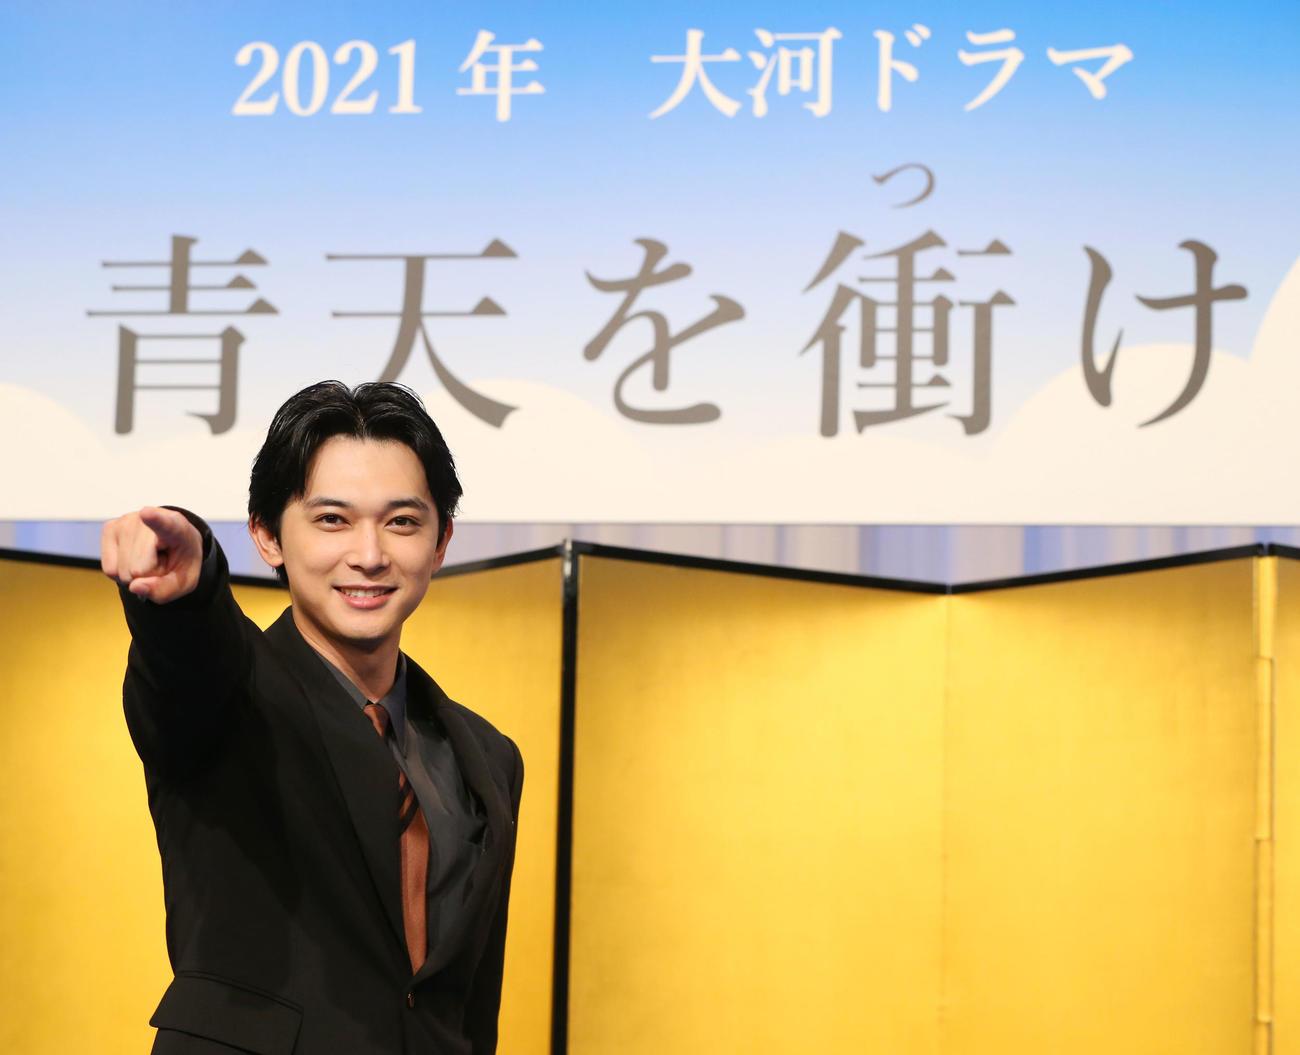 第60作NHK大河ドラマ「青天を衝け」制作・主演発表会見でポーズを決める渋沢栄一役で主演の吉沢亮(2019年9月9日撮影)